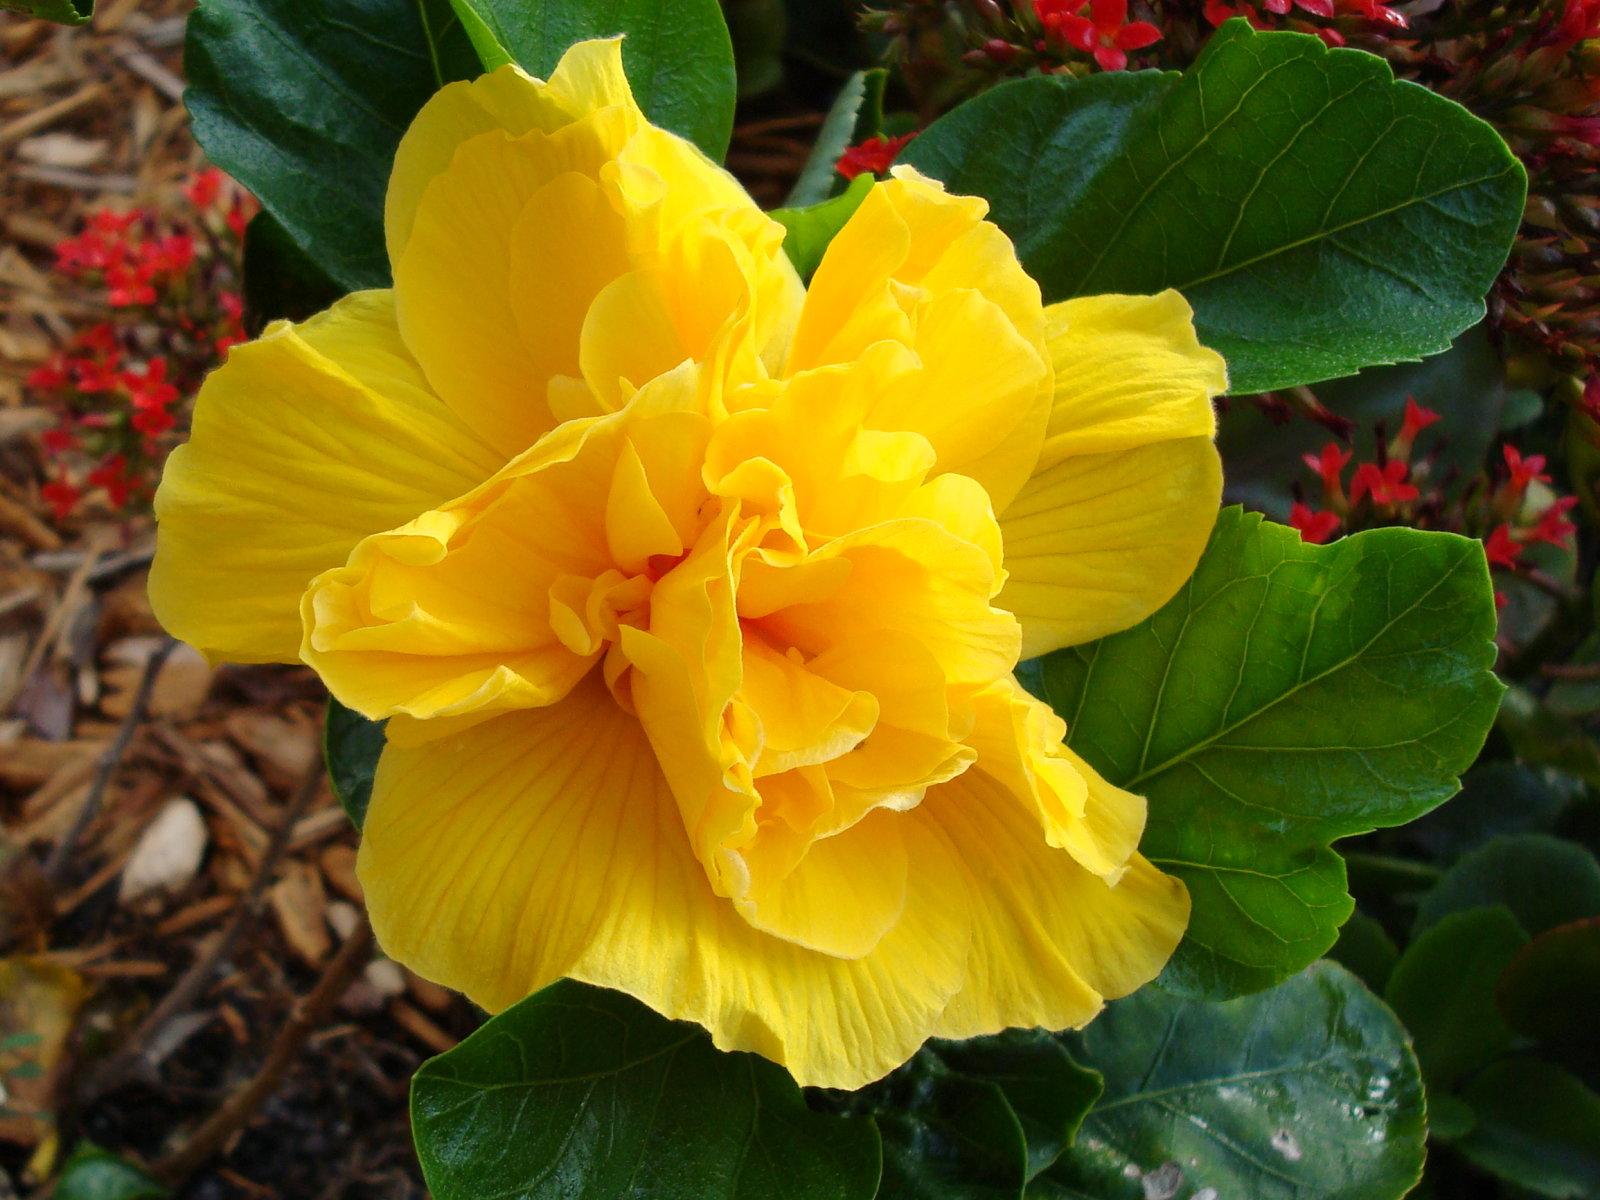 махровый желтый гибискус фото